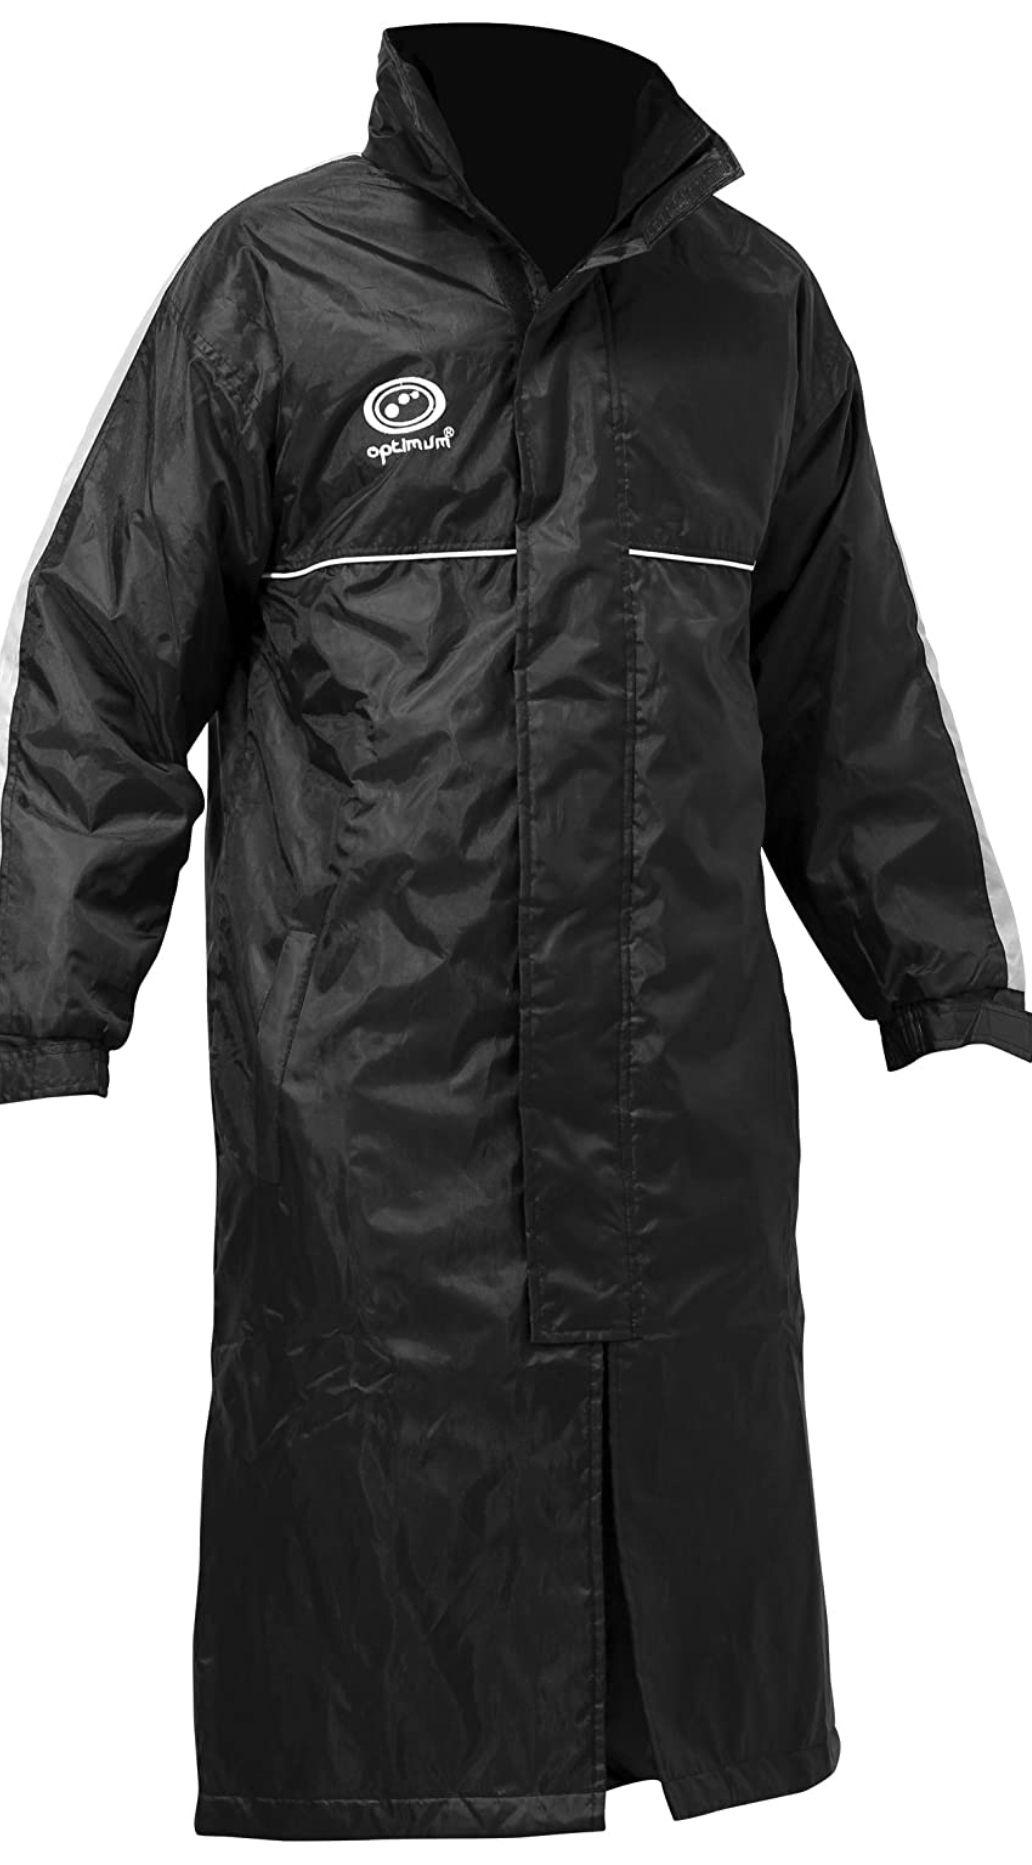 Optimum Unisex Sub Jacket - Large Boys Only - £9.15 + £4.49 NP @ Amazon